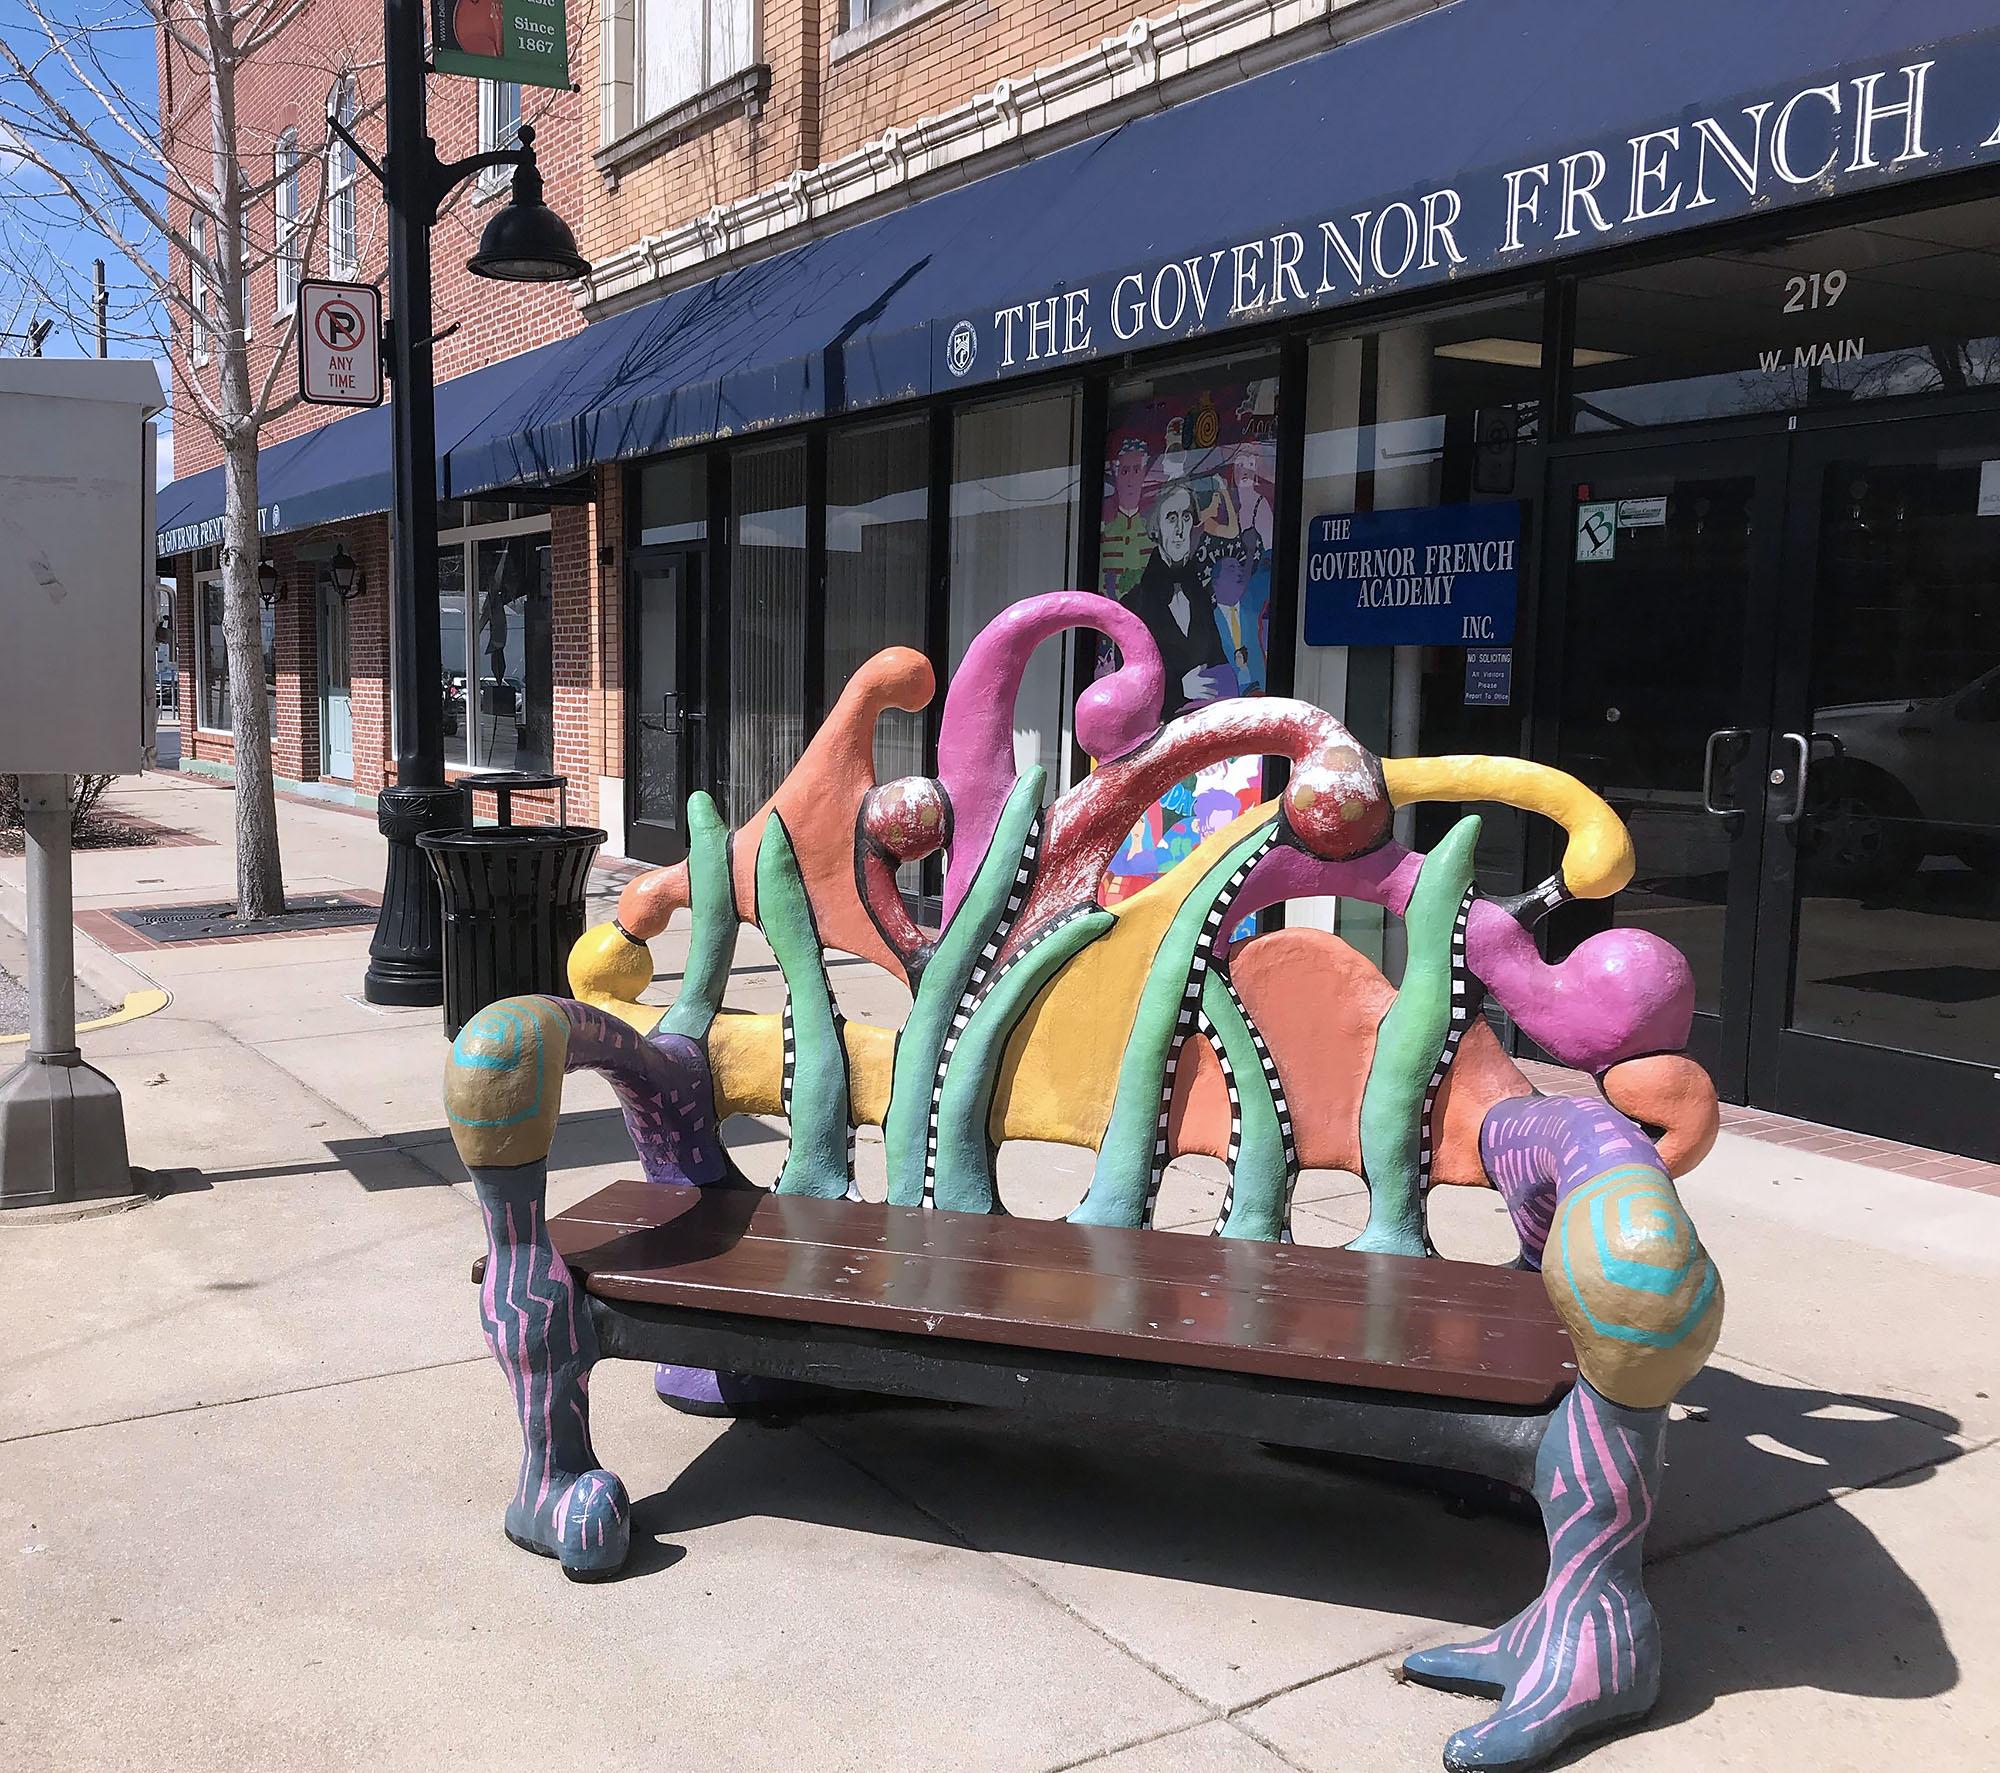 Sidewalk Bench Sculpture